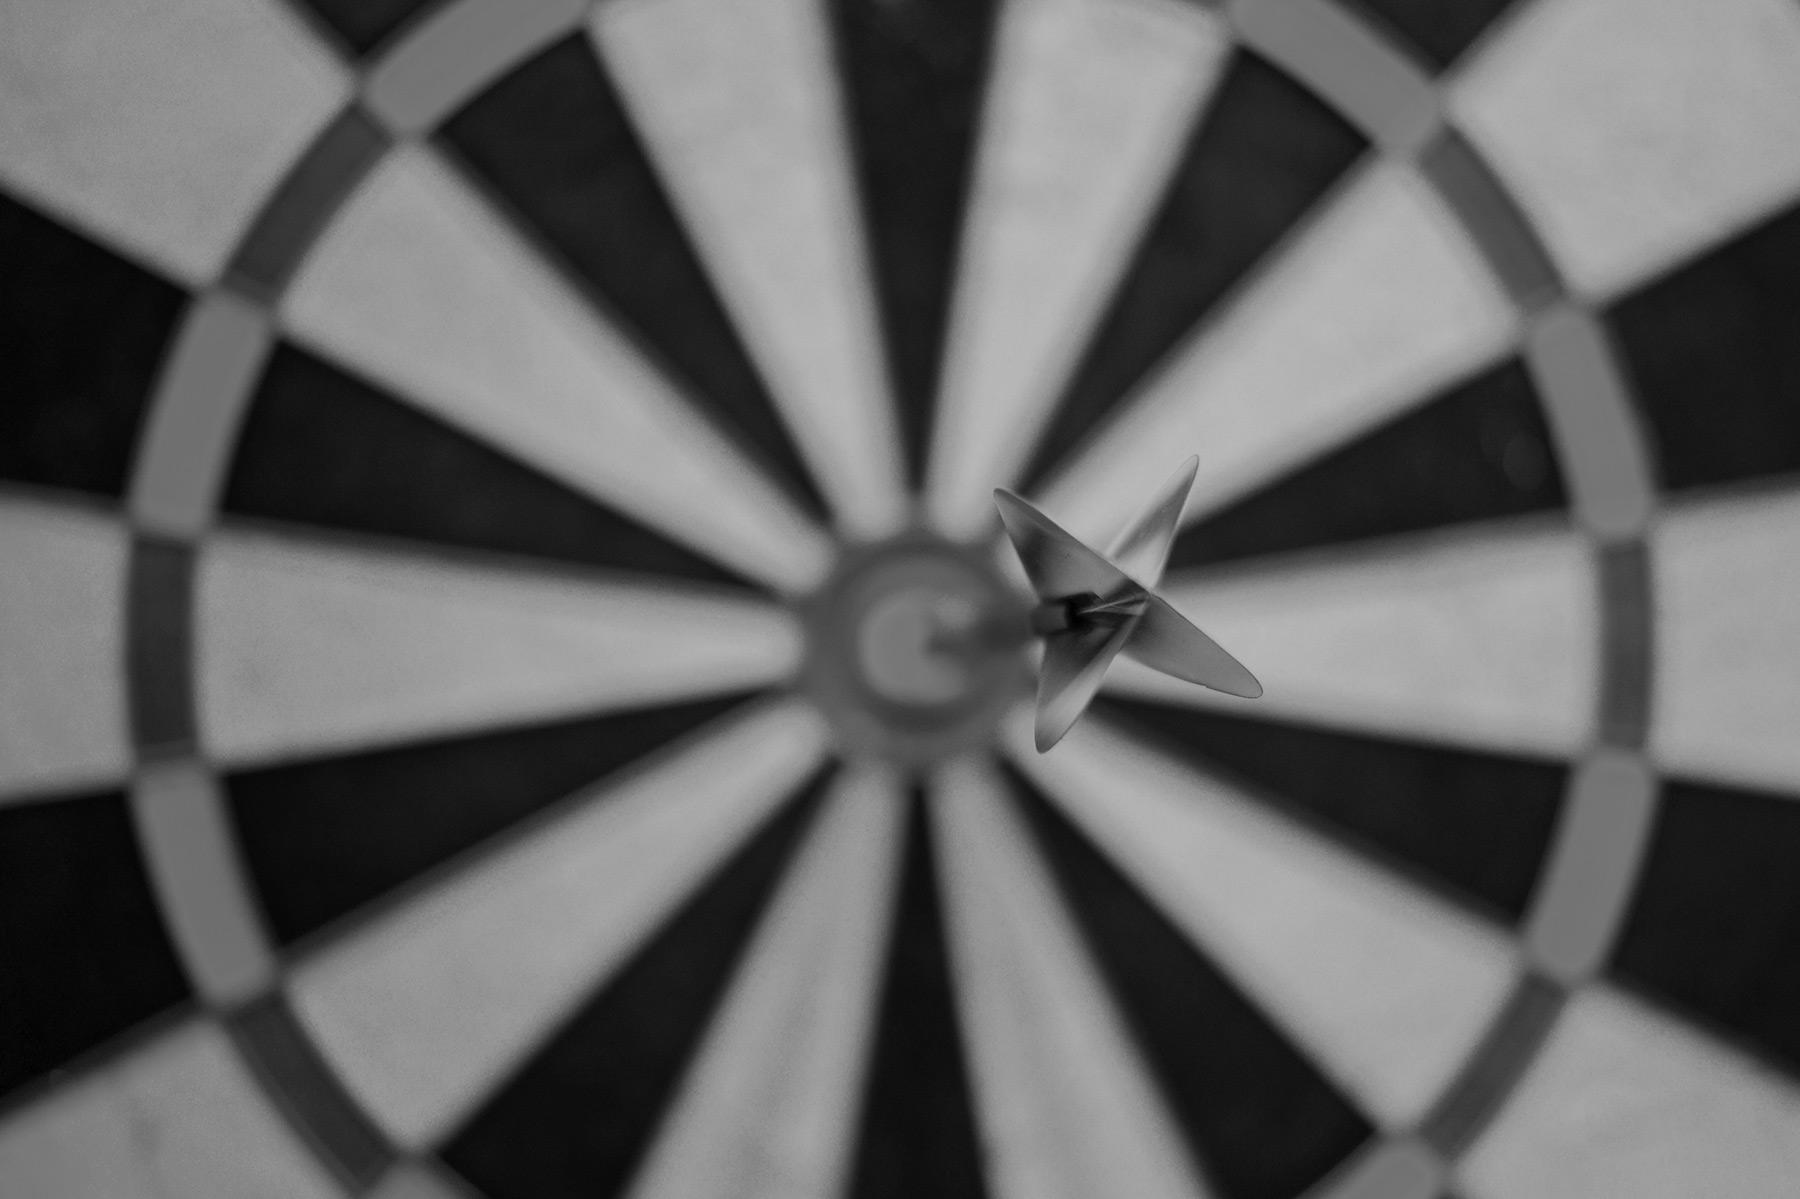 cible avec une flèche plantée au centre symbolisant les success stories en Allemagne